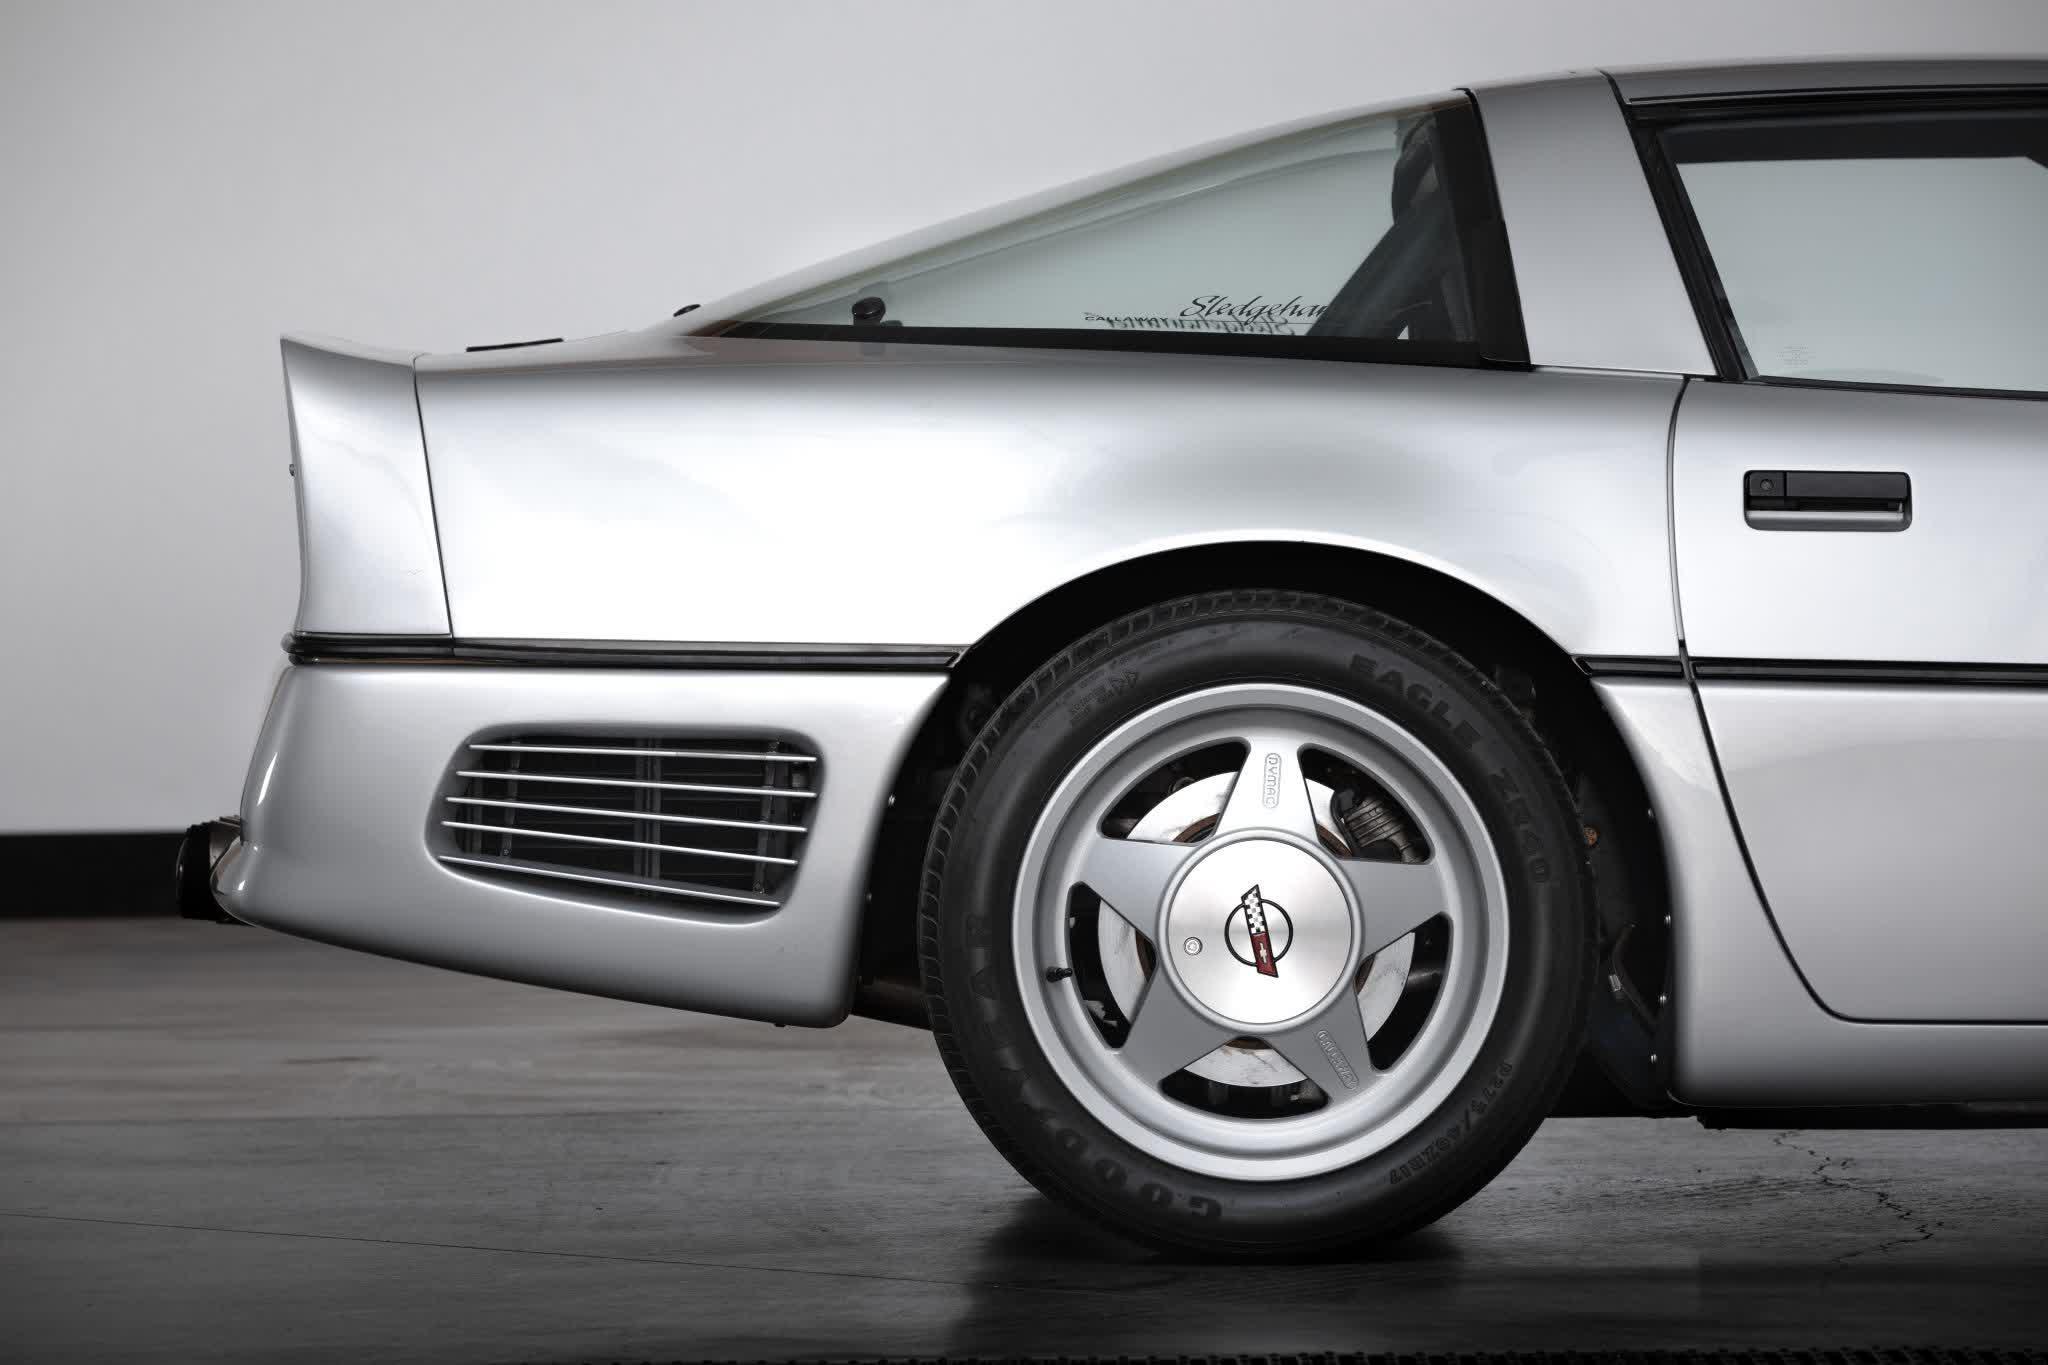 La legendaire Callaway SledgeHammer Corvette est mise aux encheres